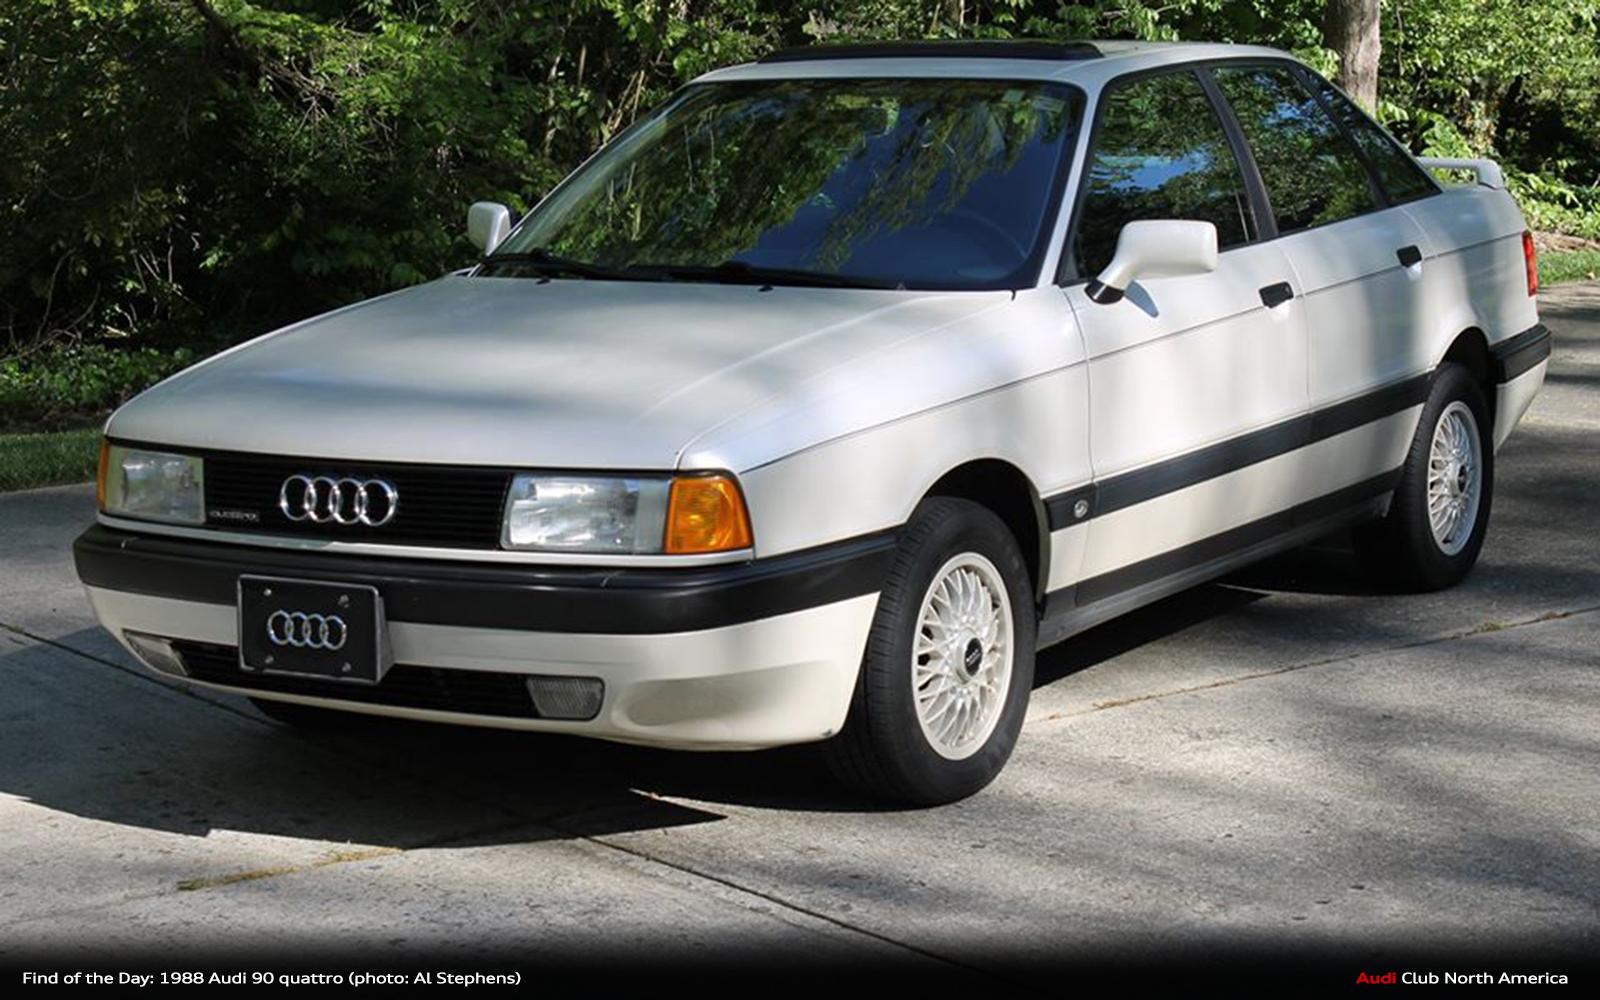 Kelebihan Kekurangan Audi 90 Quattro Spesifikasi